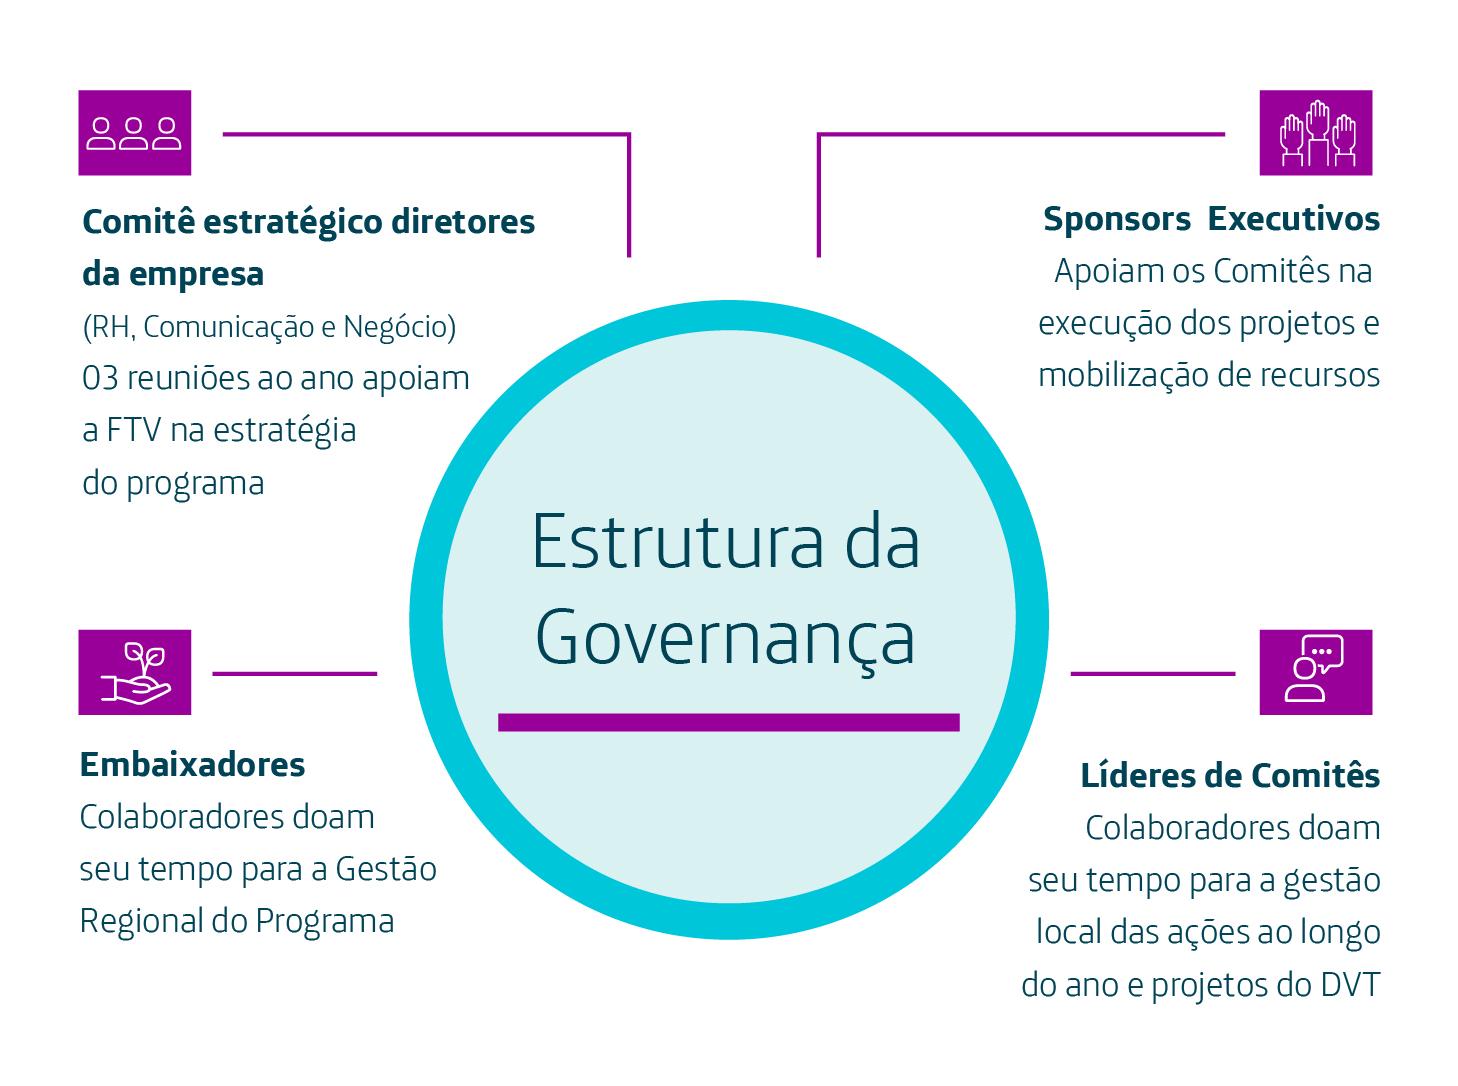 info_governanca_estrutura